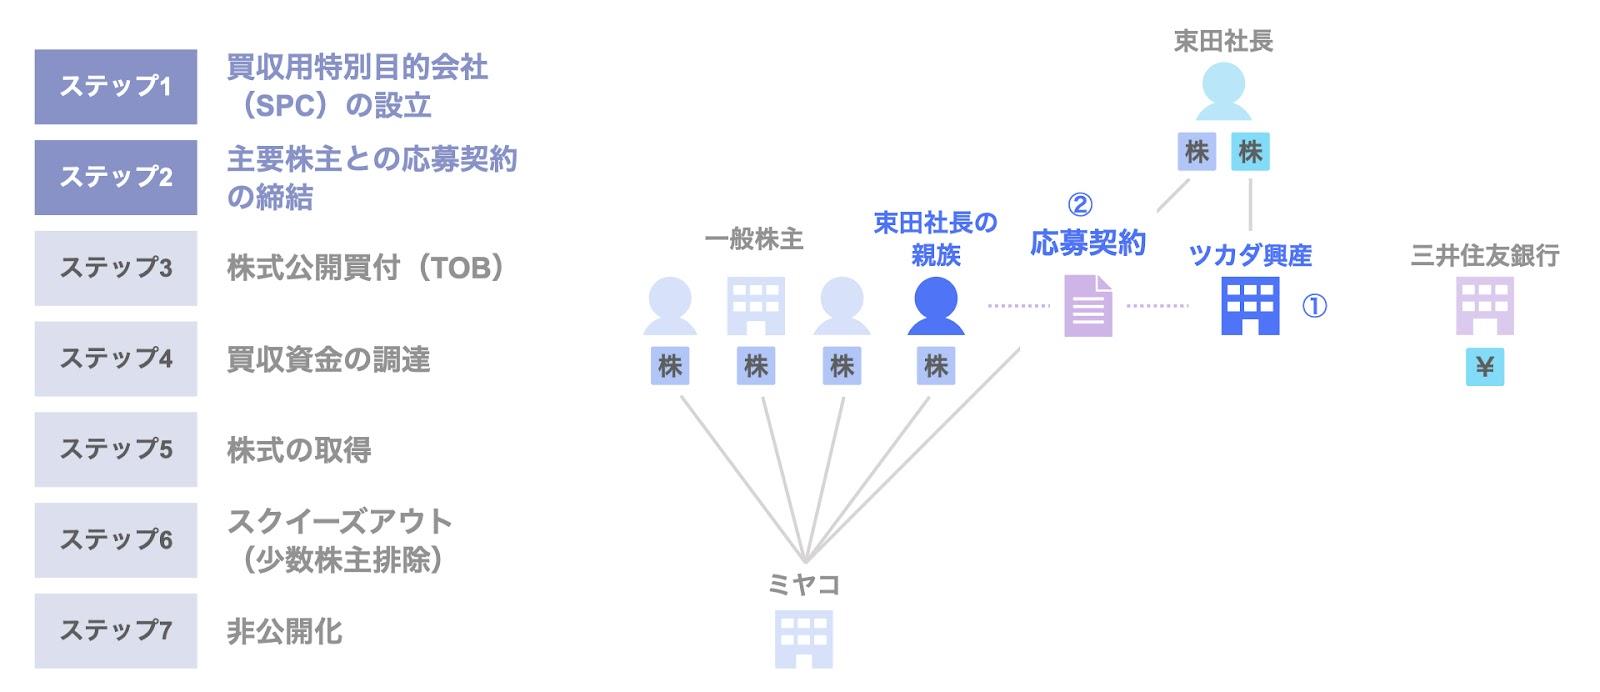 ミヤコのMBOによる非公開化のスキーム1,2